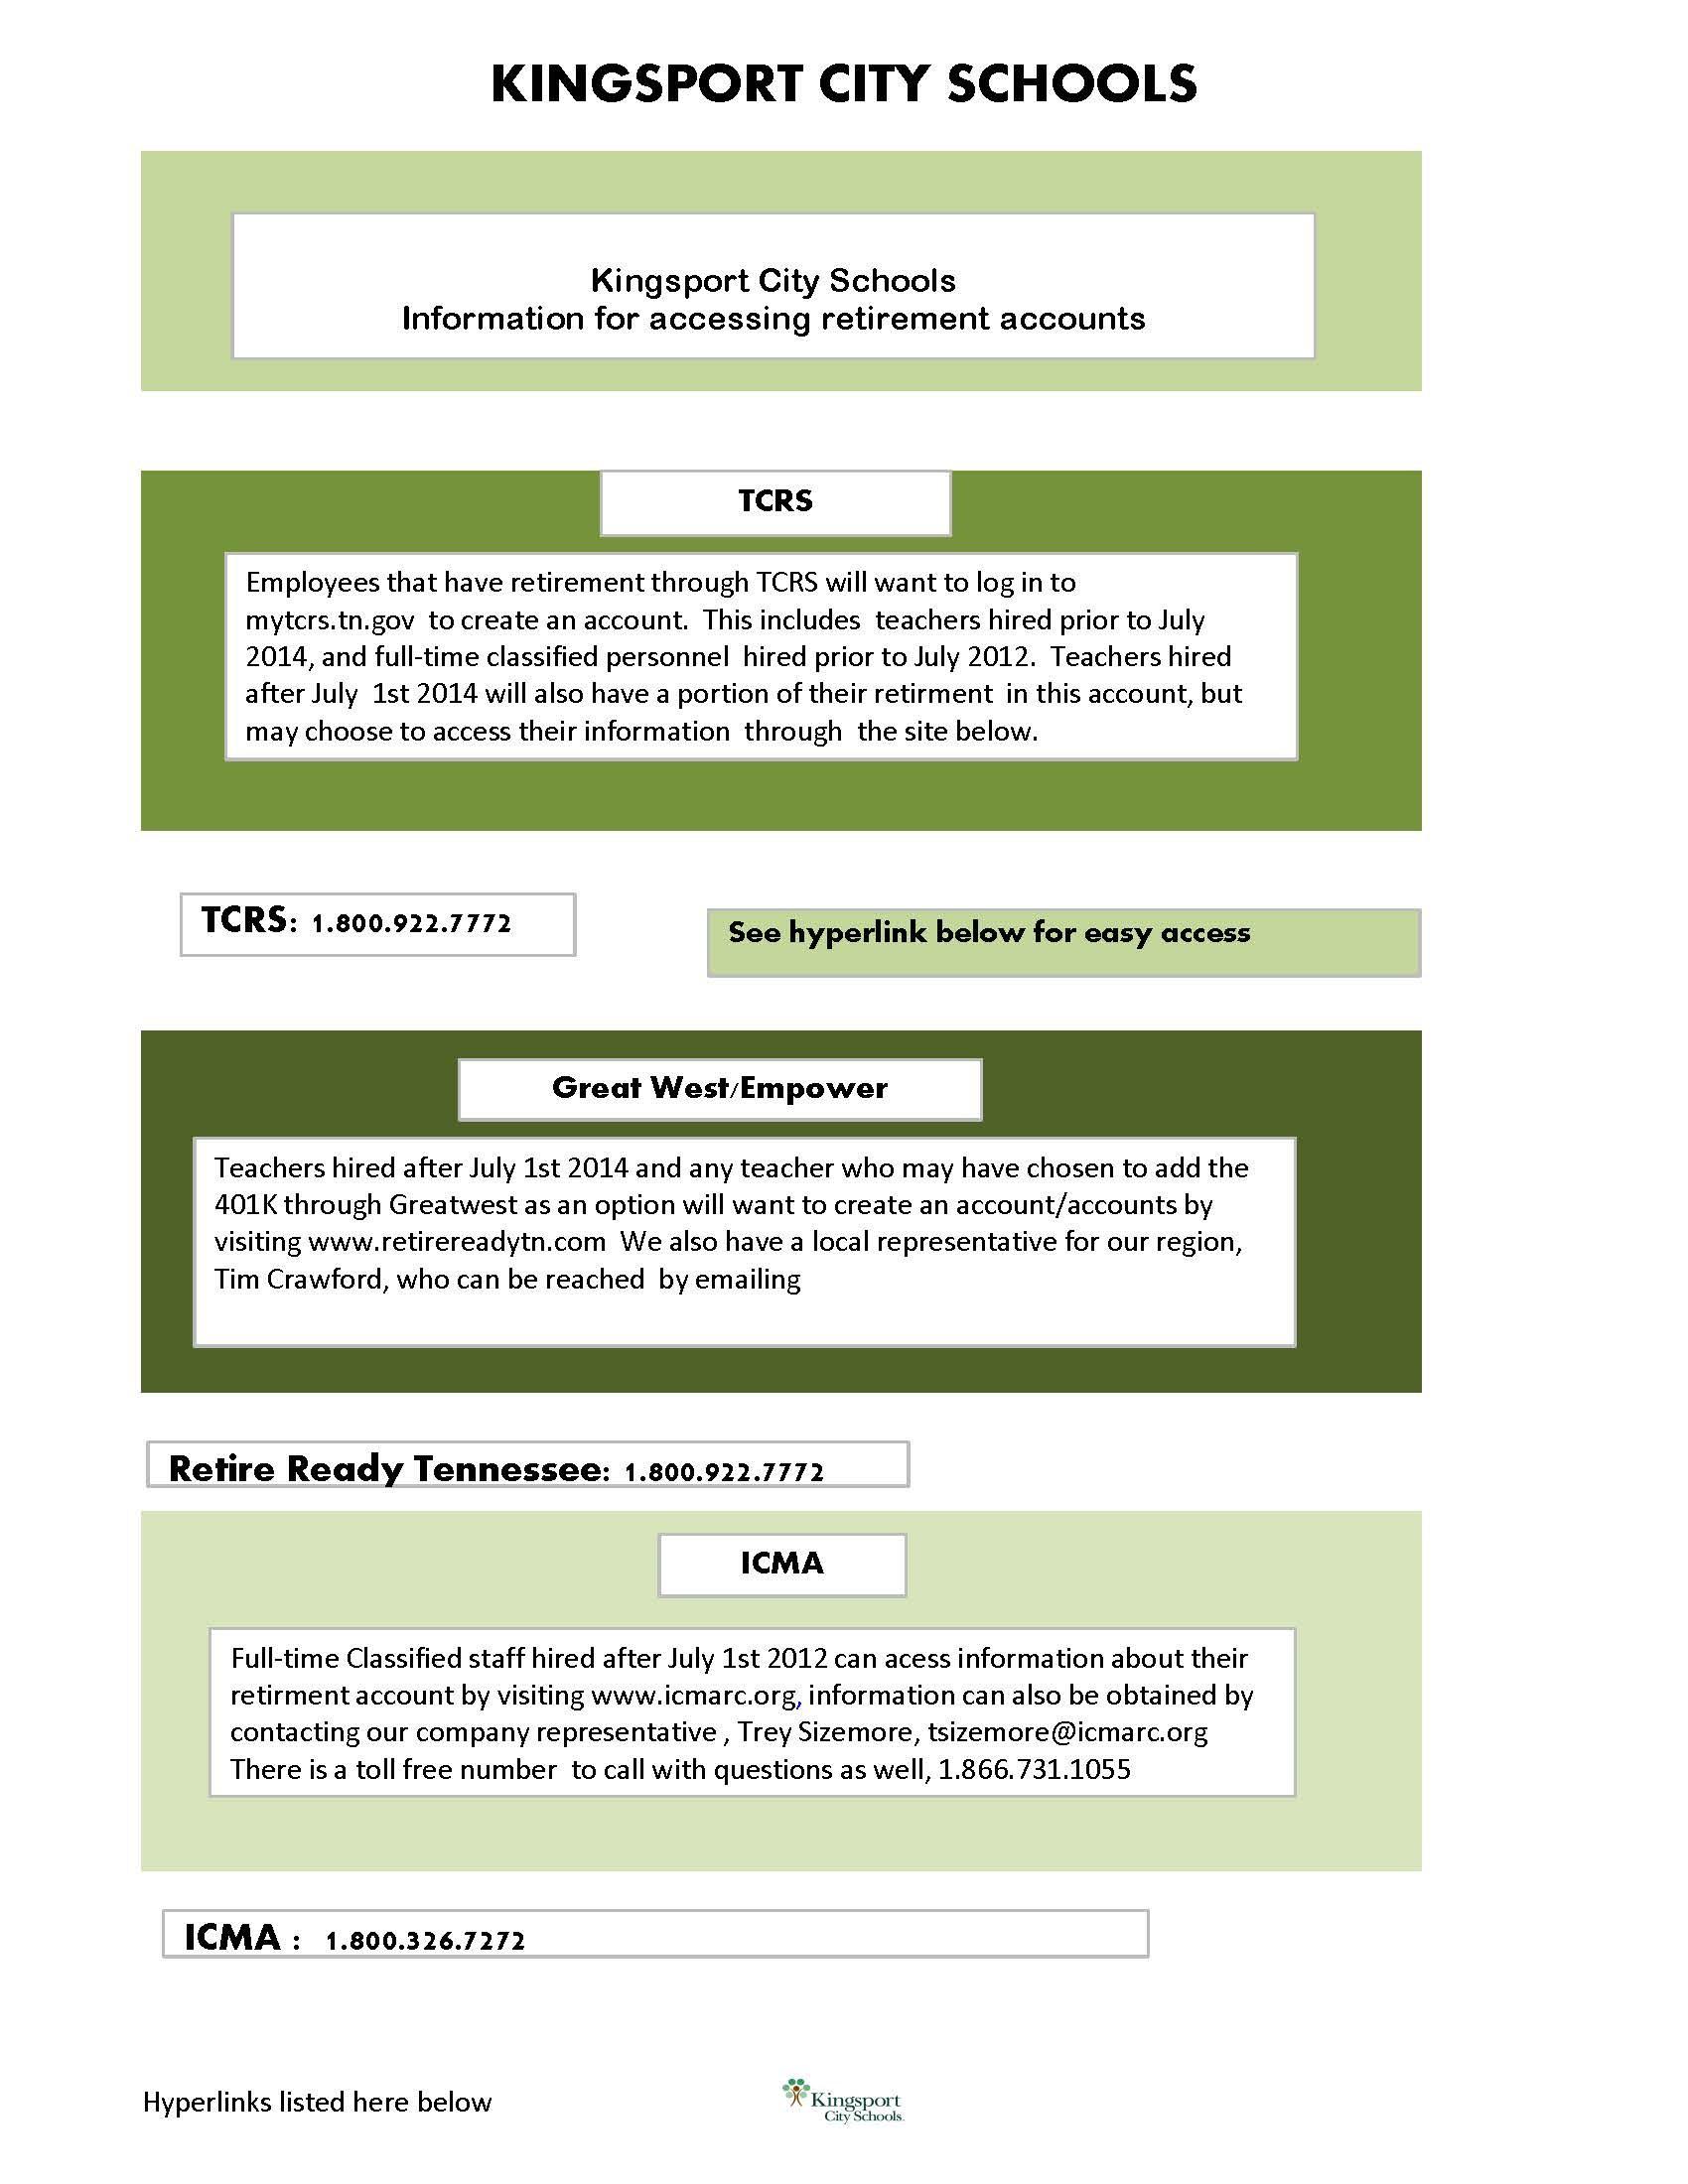 KCS TCRS graphic